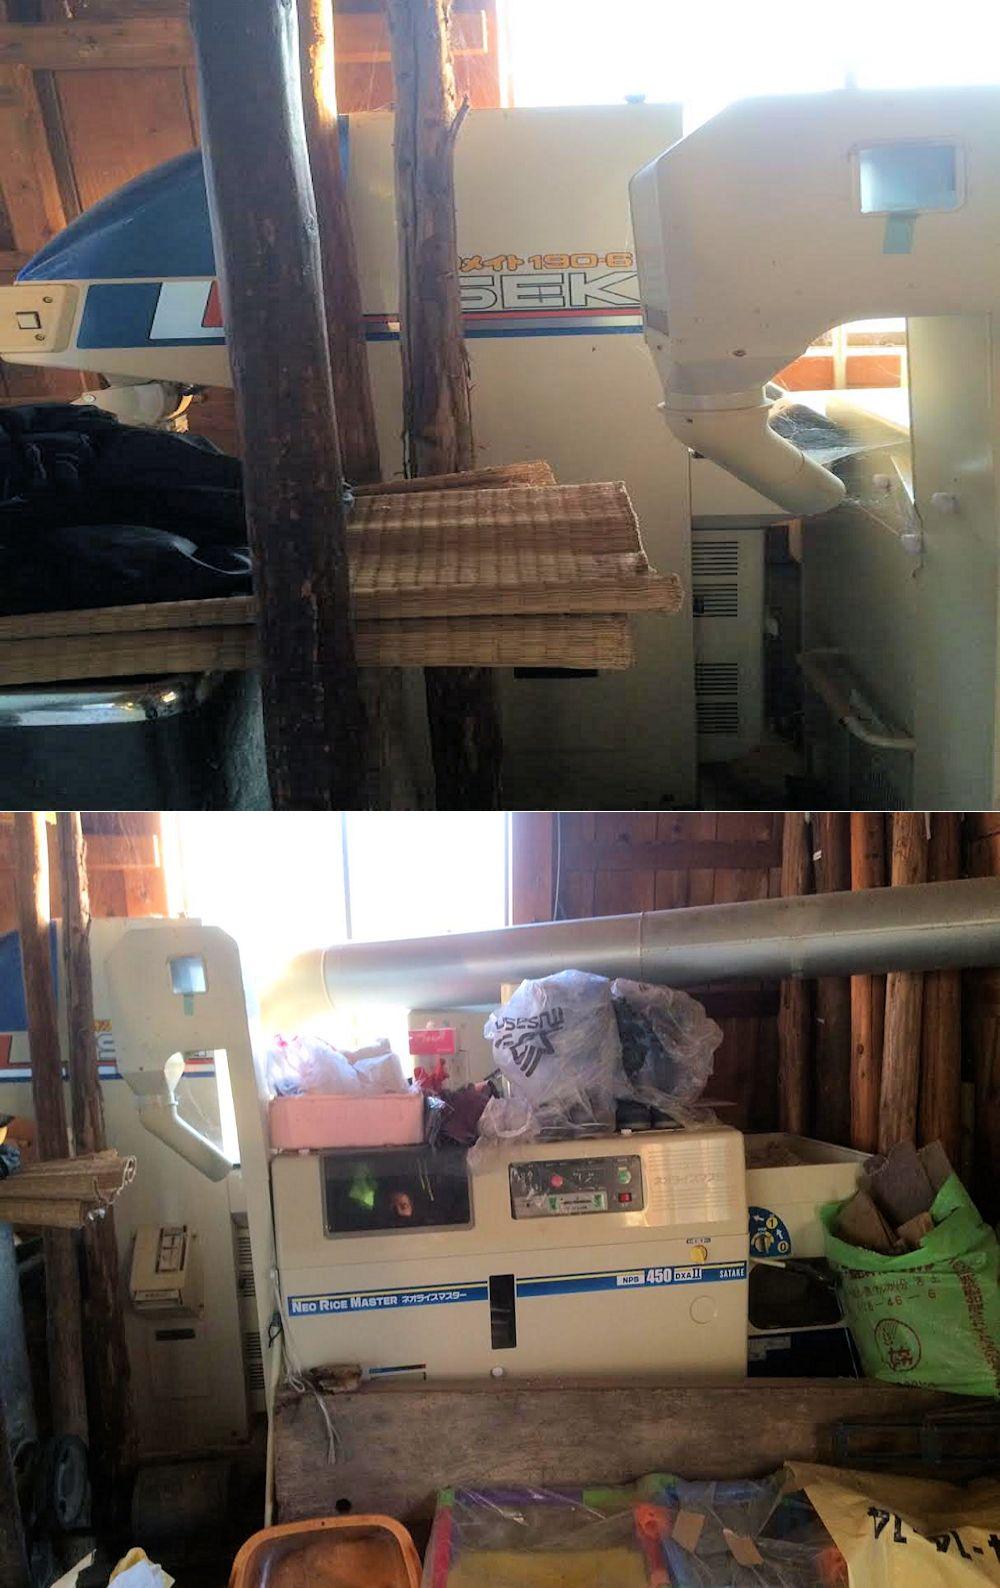 サタケ 籾摺り機 ネオライスマスター NPS450DXAⅡ 実働品中古